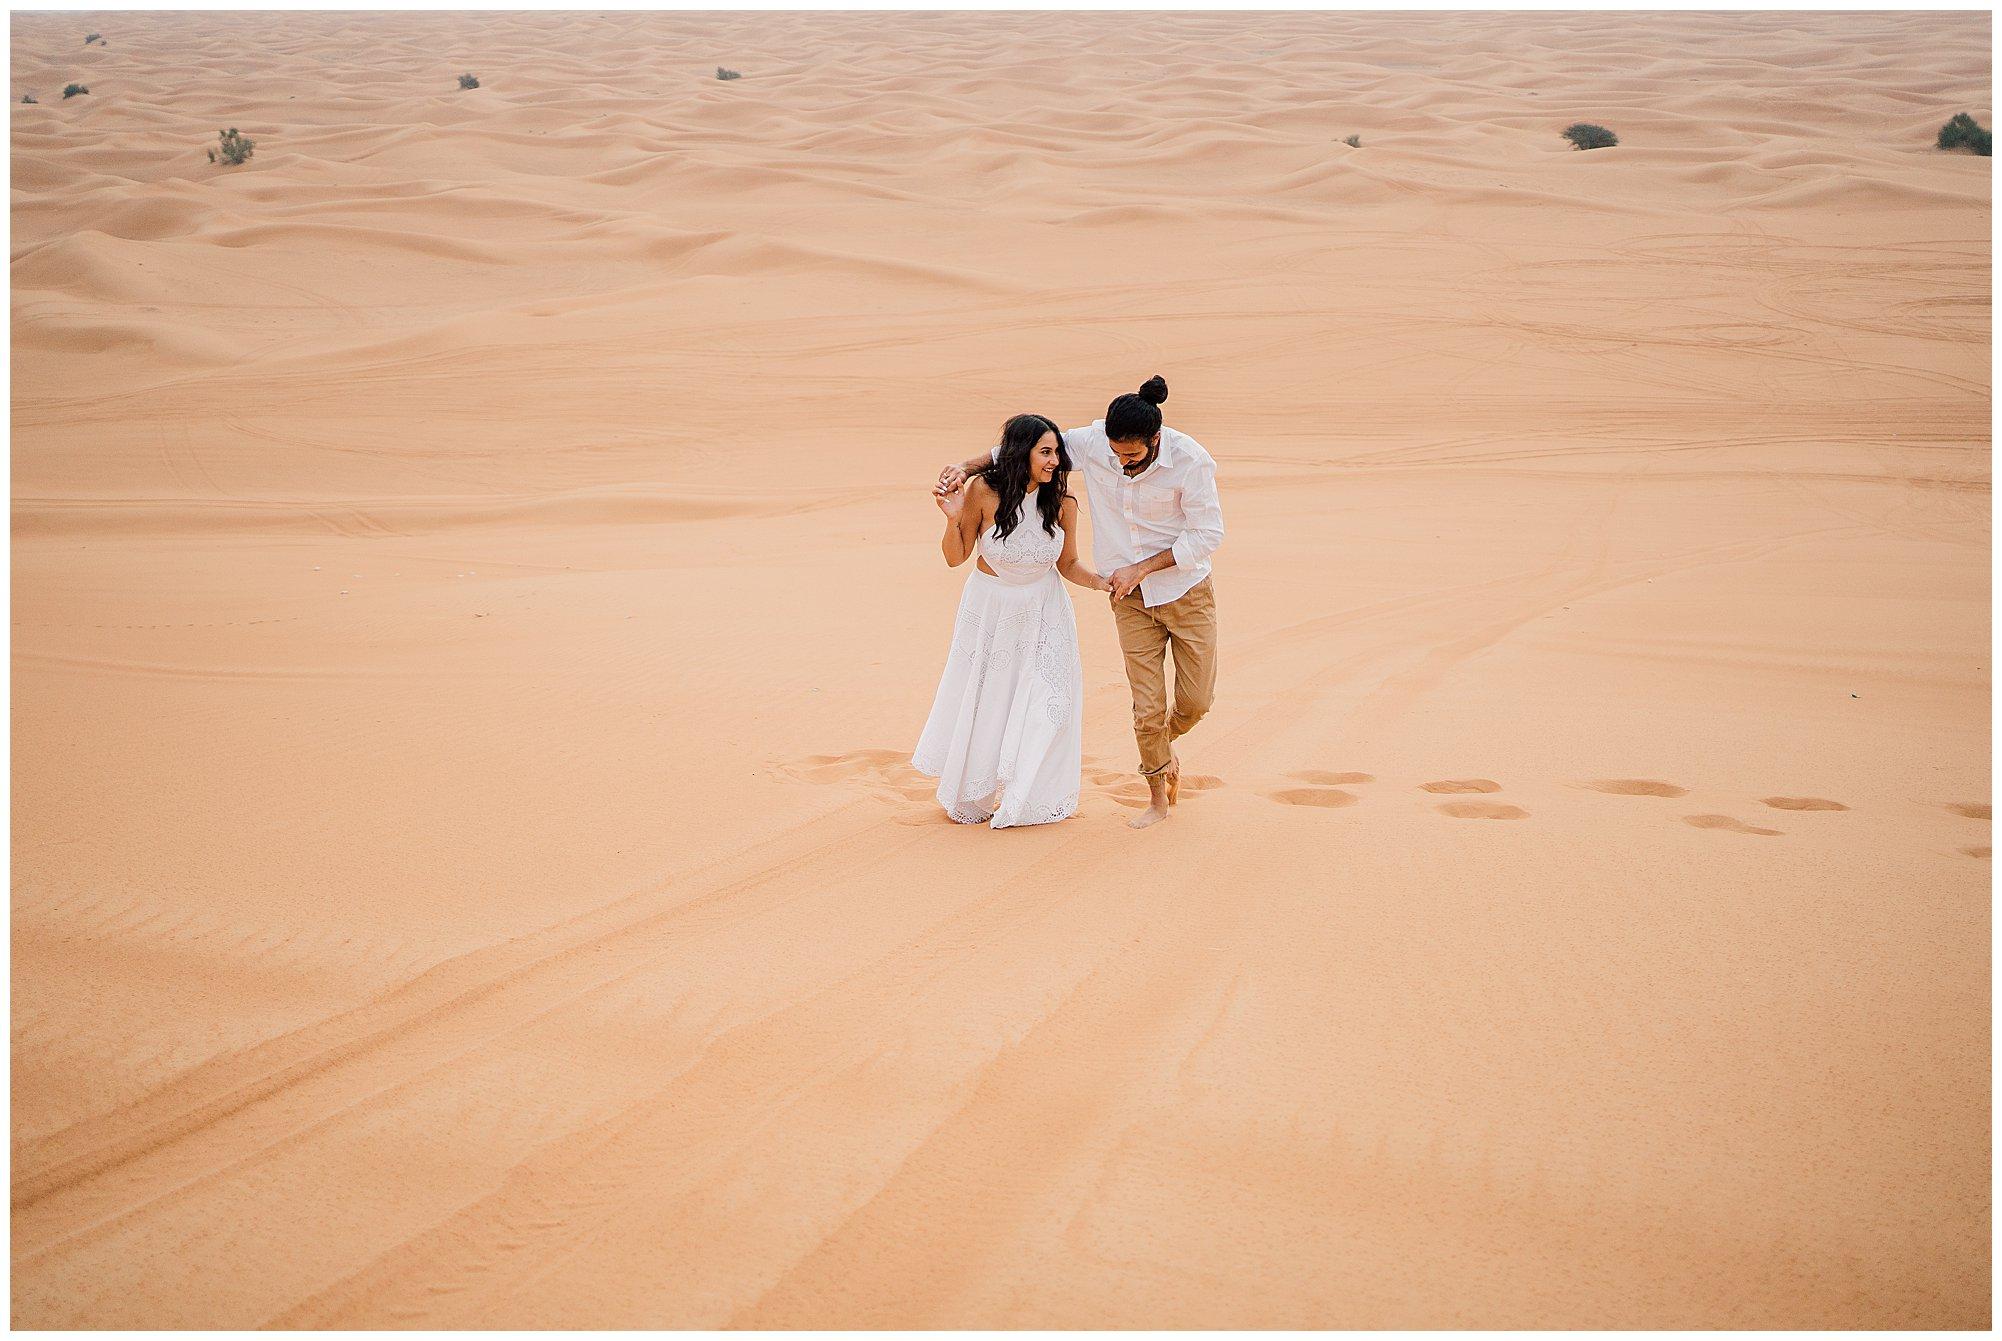 dubai desert engagement